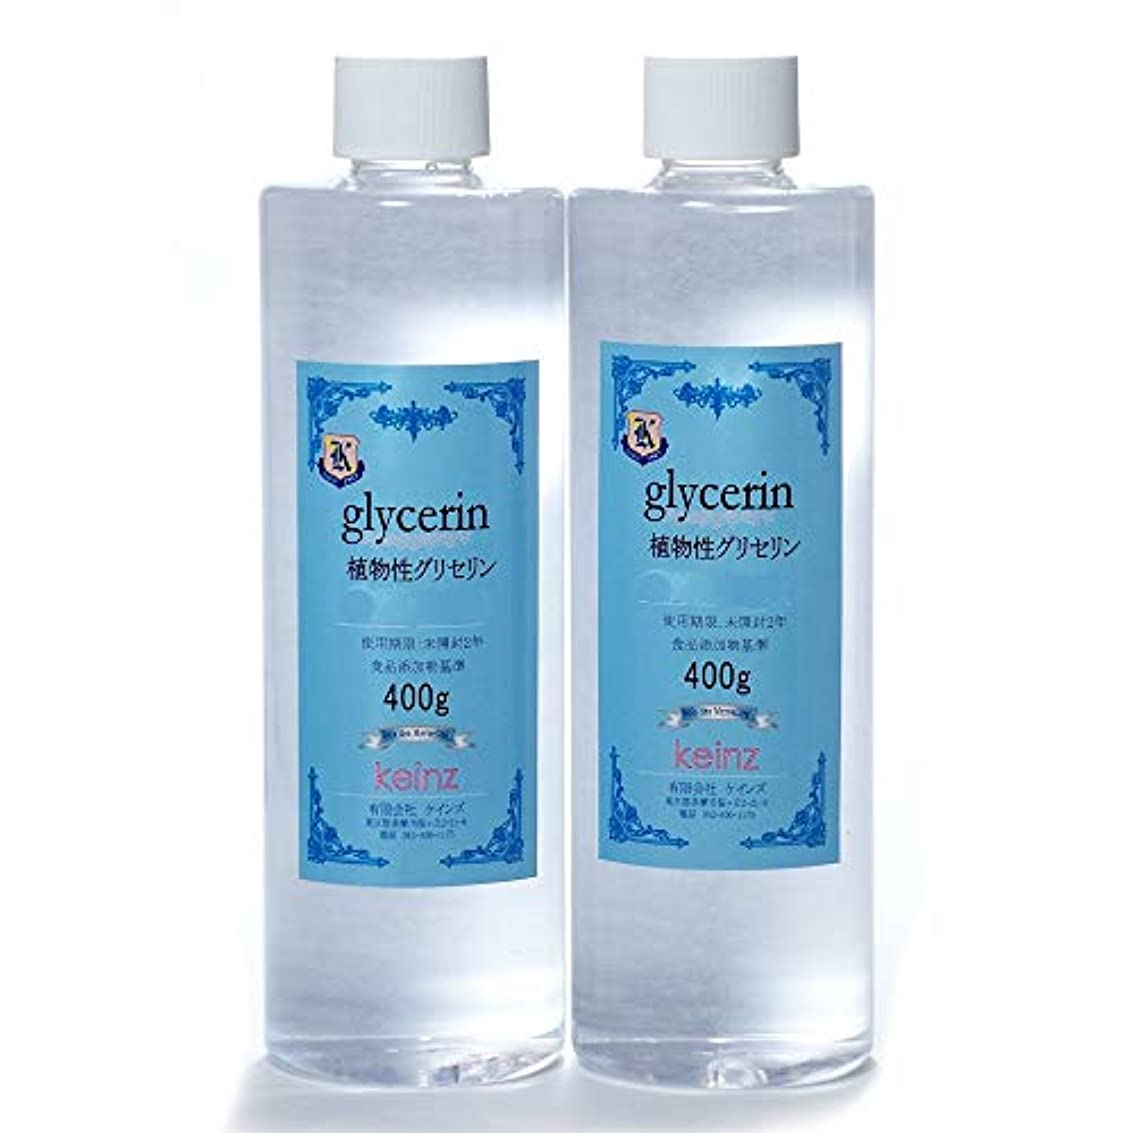 協力一部明らかにするkeinz 品質の良いグリセリン 植物性 800g(400g 2本) 純度99.9~100% 化粧品材料 keinz正規品 食品添加物基準につき化粧品グレードより純度が高い。日本製